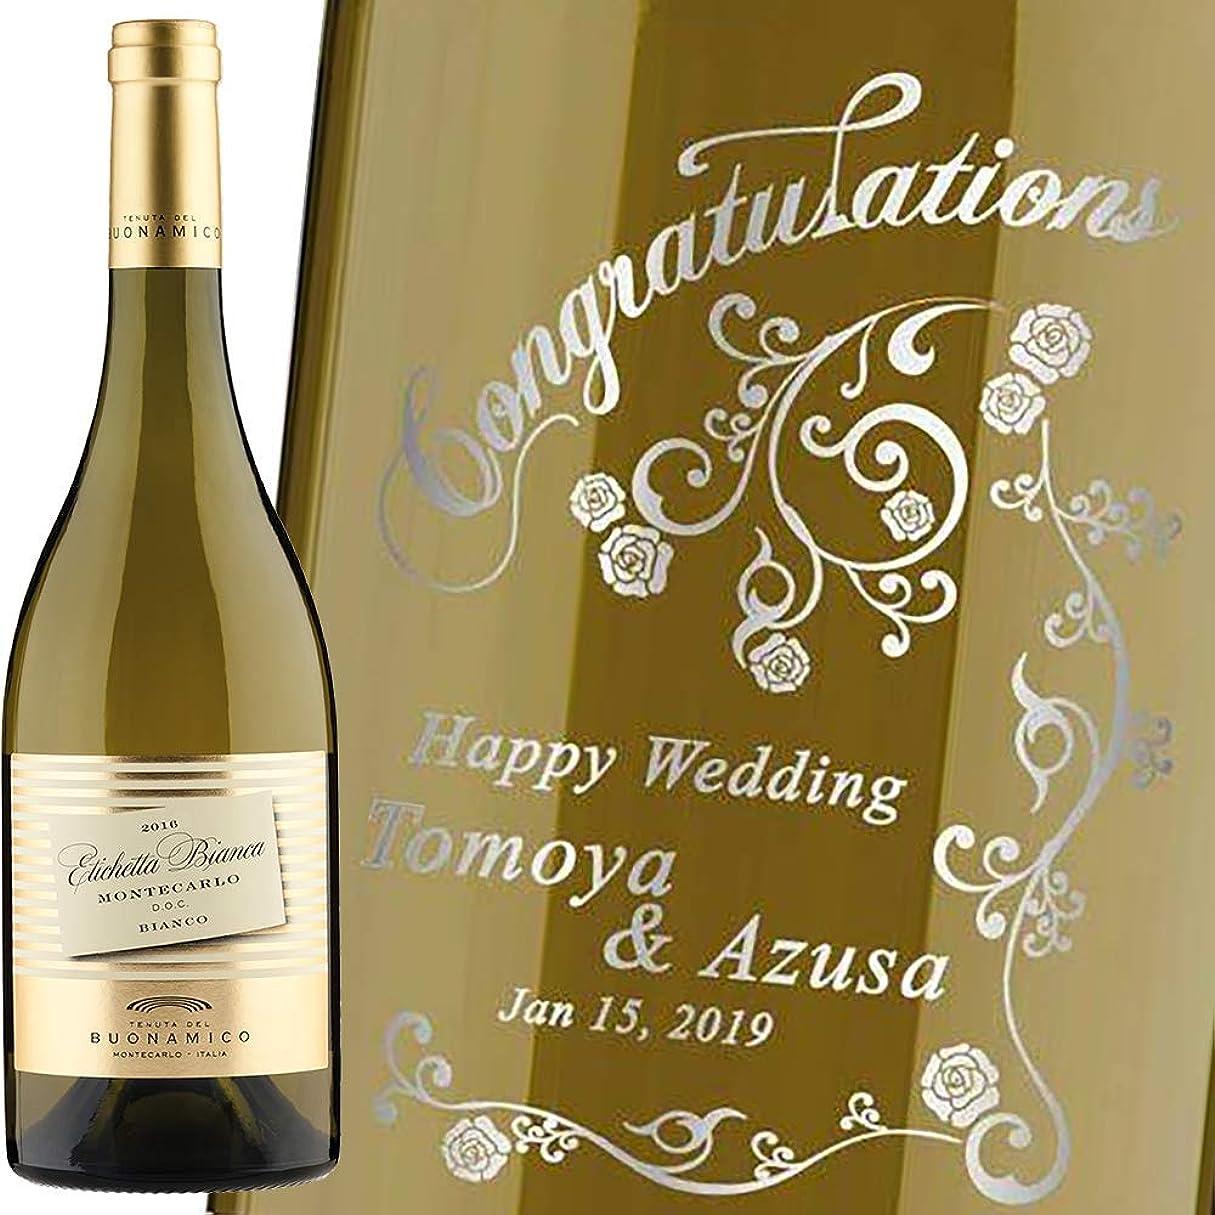 展開する通訳アウターモンテビアンコ 名入れ 彫刻 白ワイン 750ml 誕生日 還暦 結婚 お祝い に オリジナル プレゼント